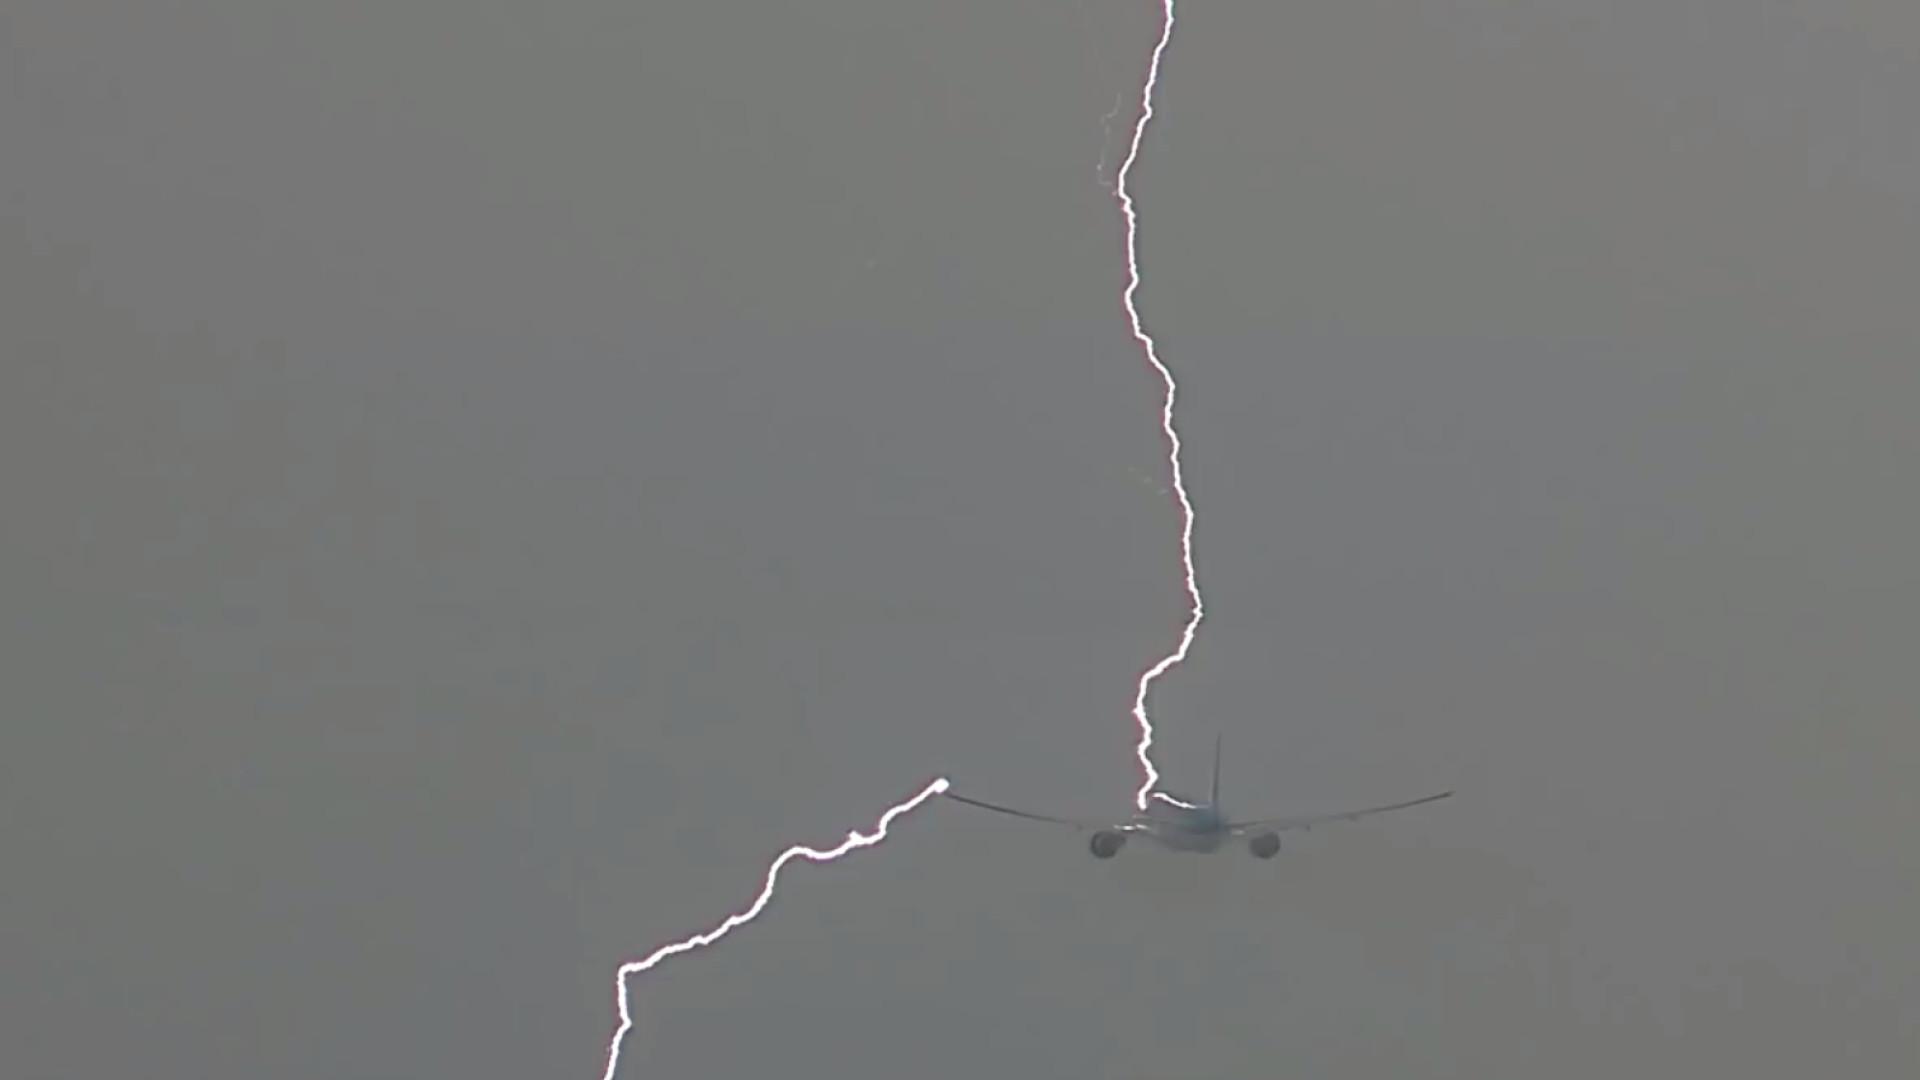 Susto! Avião é atingido por raio após decolar em Amsterdã